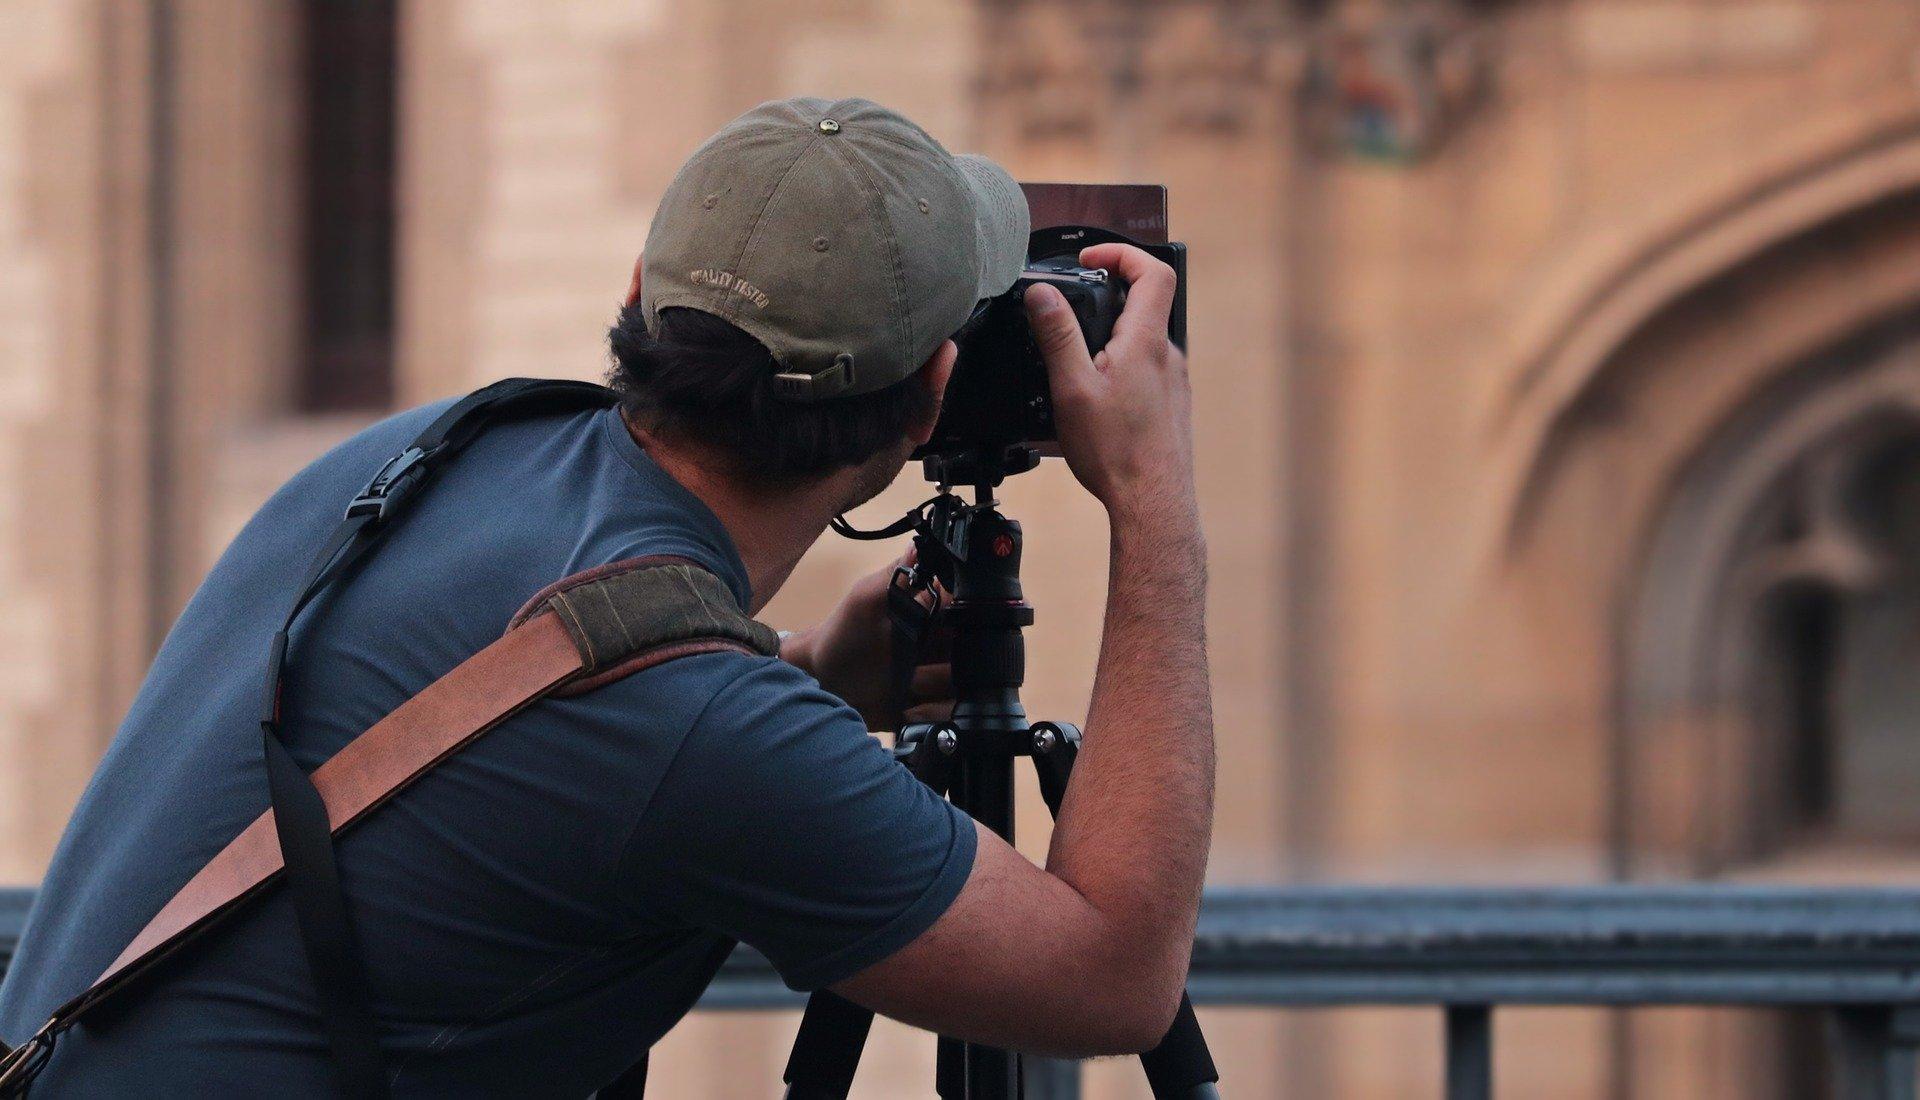 أفضل مواقع لبيع الصور على الإنترنت